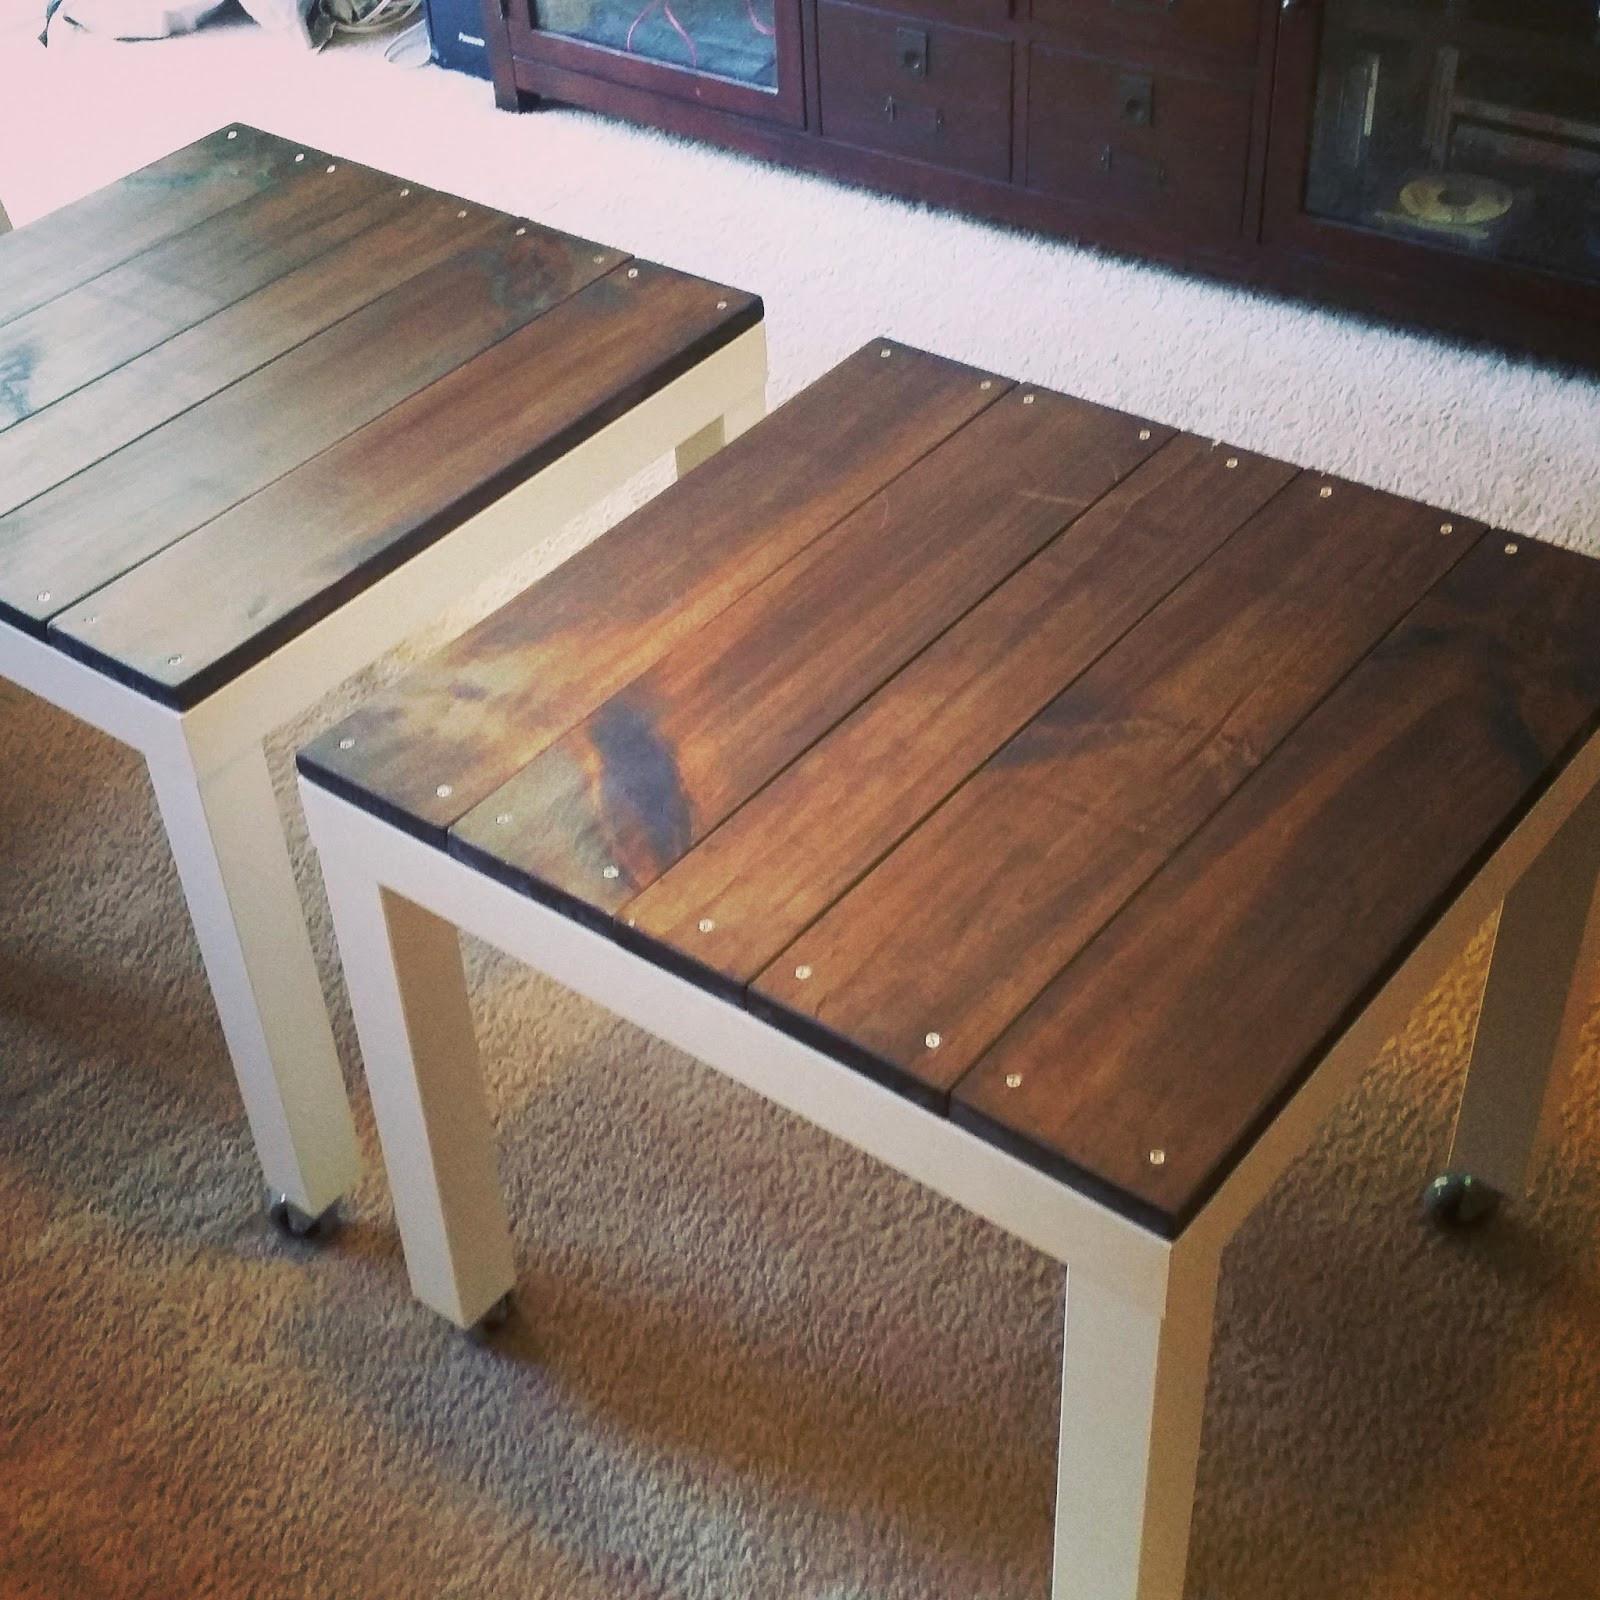 Full Size of Ikea Tisch Holz Küche Kaufen Modulküche Betten Bei Kosten 160x200 Miniküche Sofa Mit Schlaffunktion Wohnzimmer Gartentisch Ikea